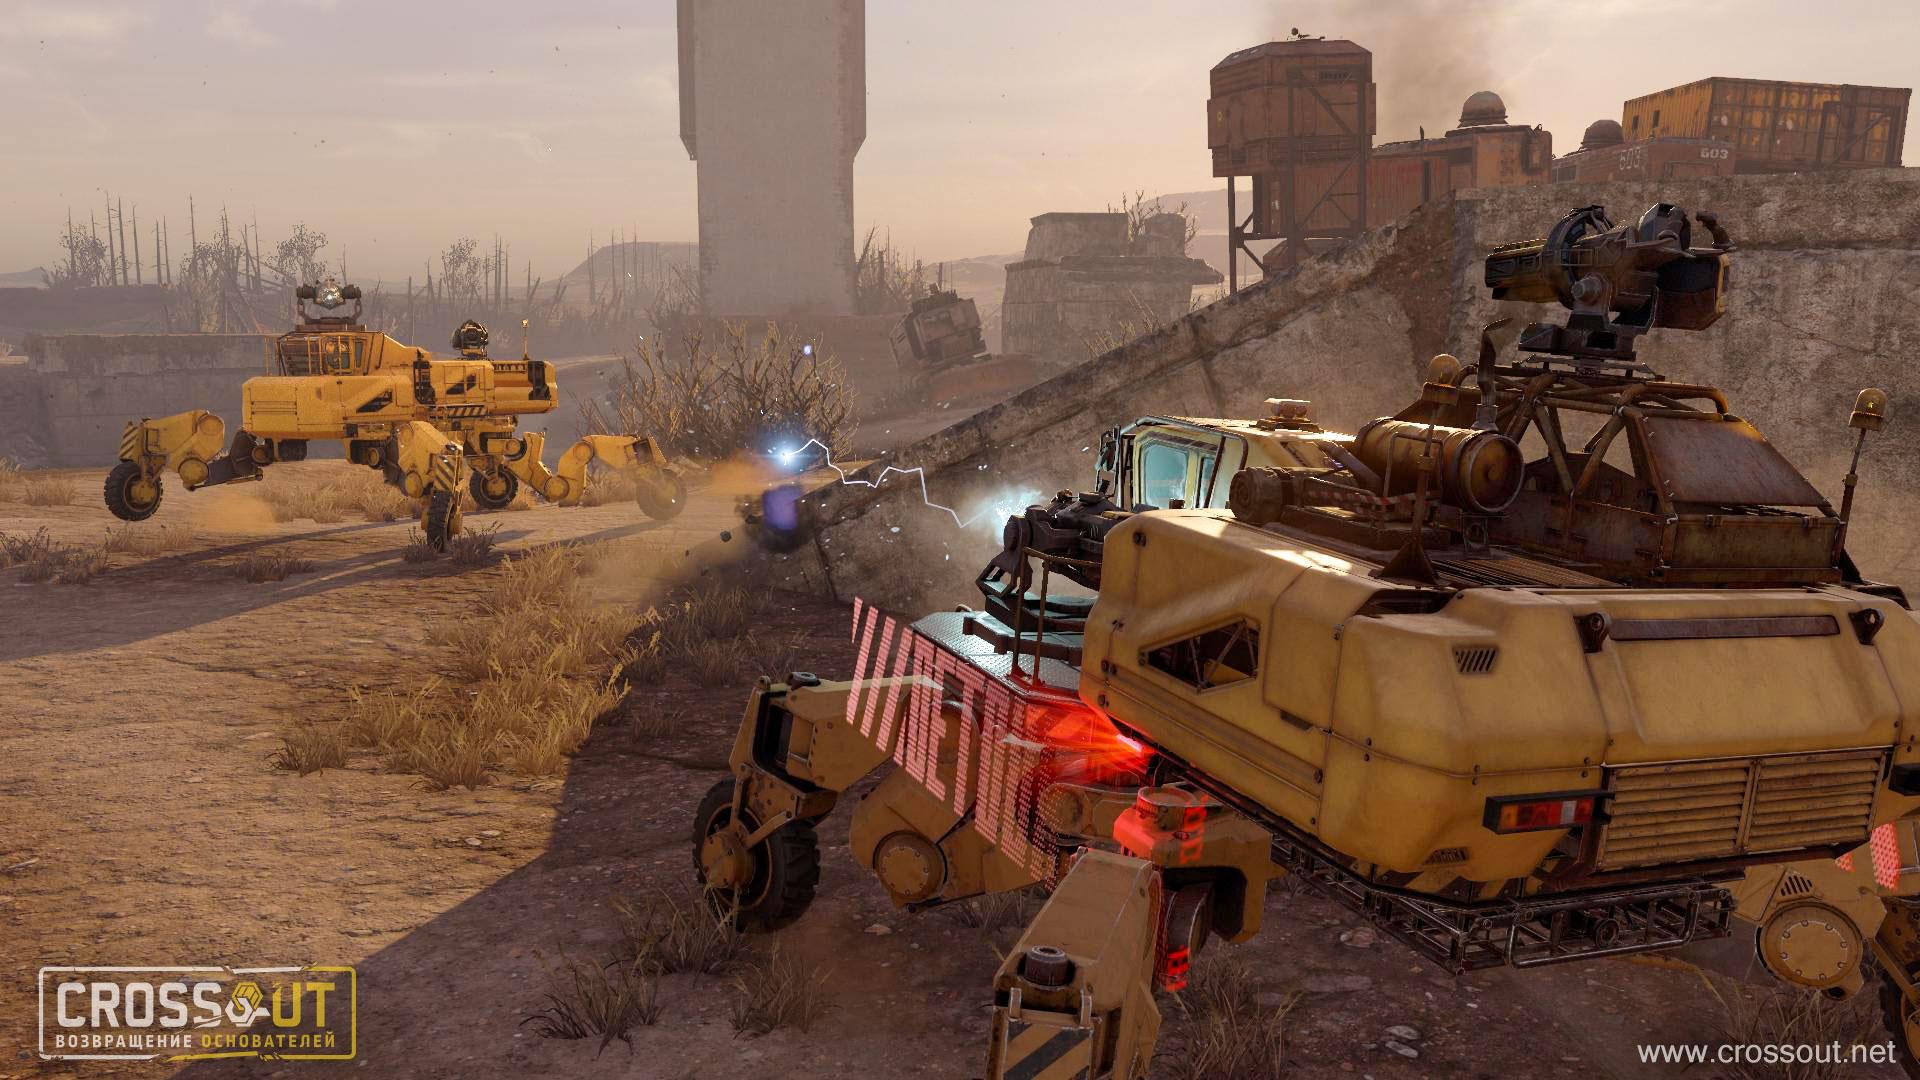 Для Crossout вышел апдейт с новой фракцией и картой